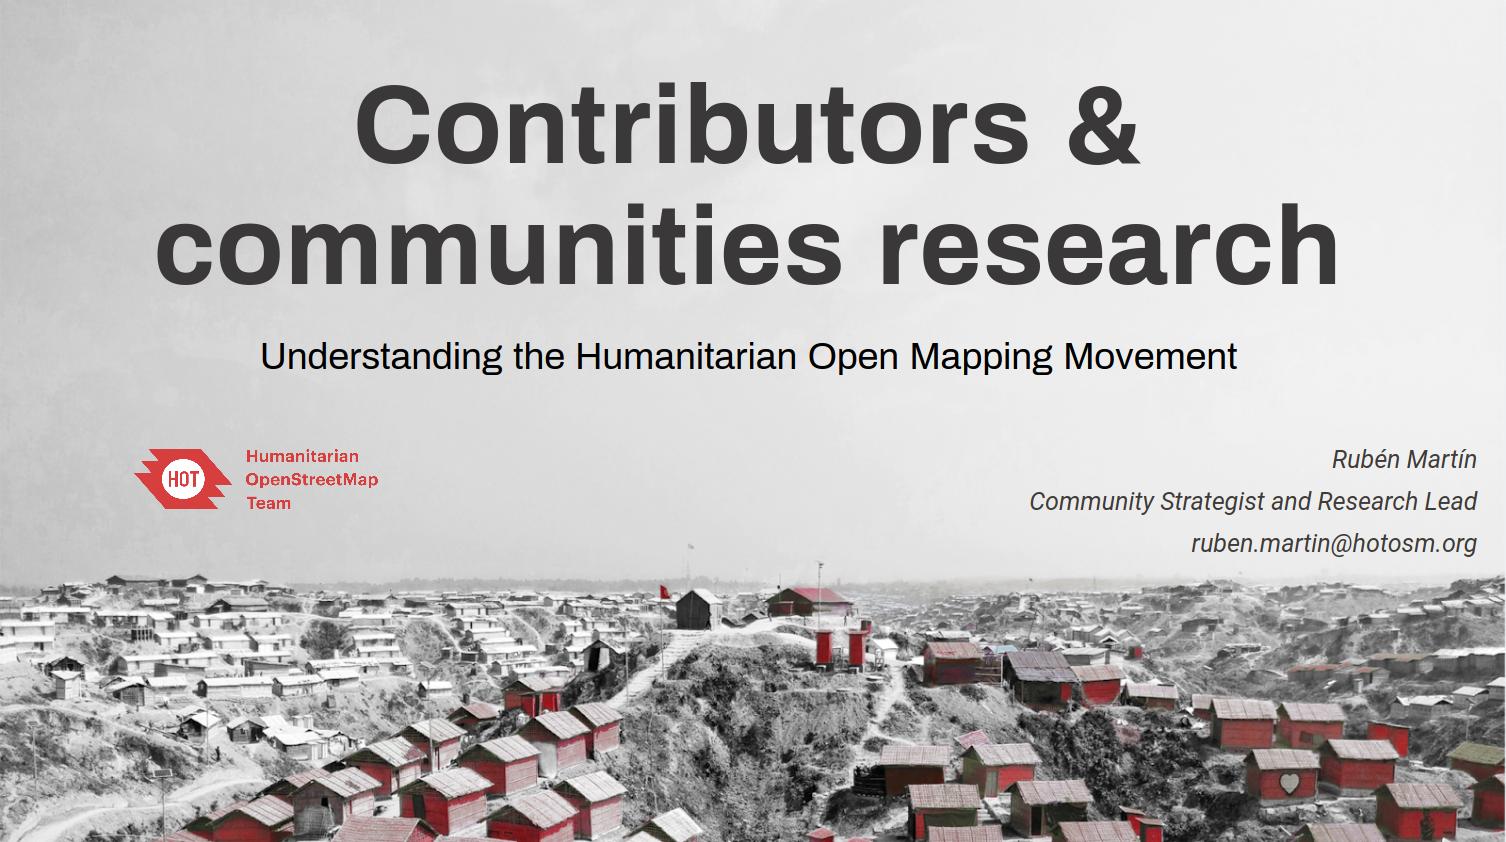 Entendiendo el movimiento de Open Mapping Humanitario